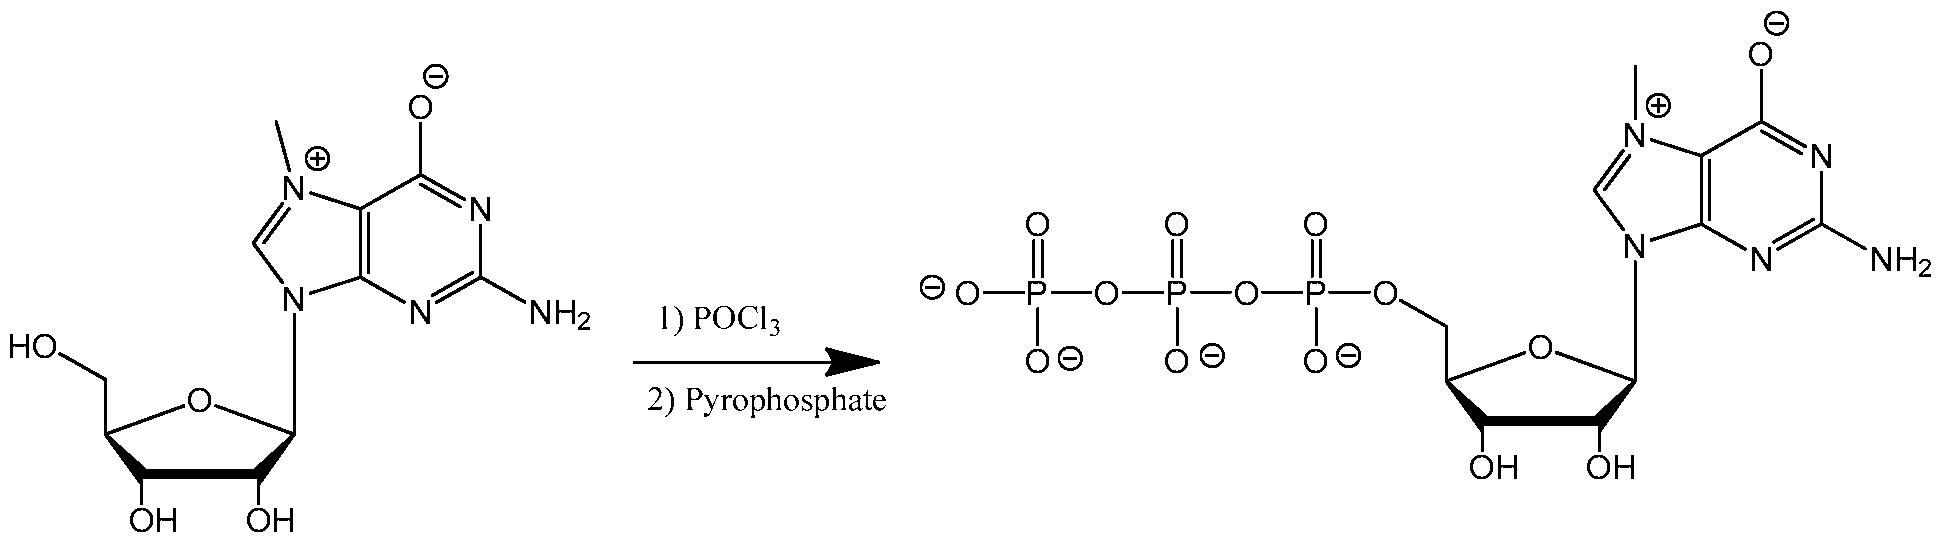 Figure imgf000137_0003